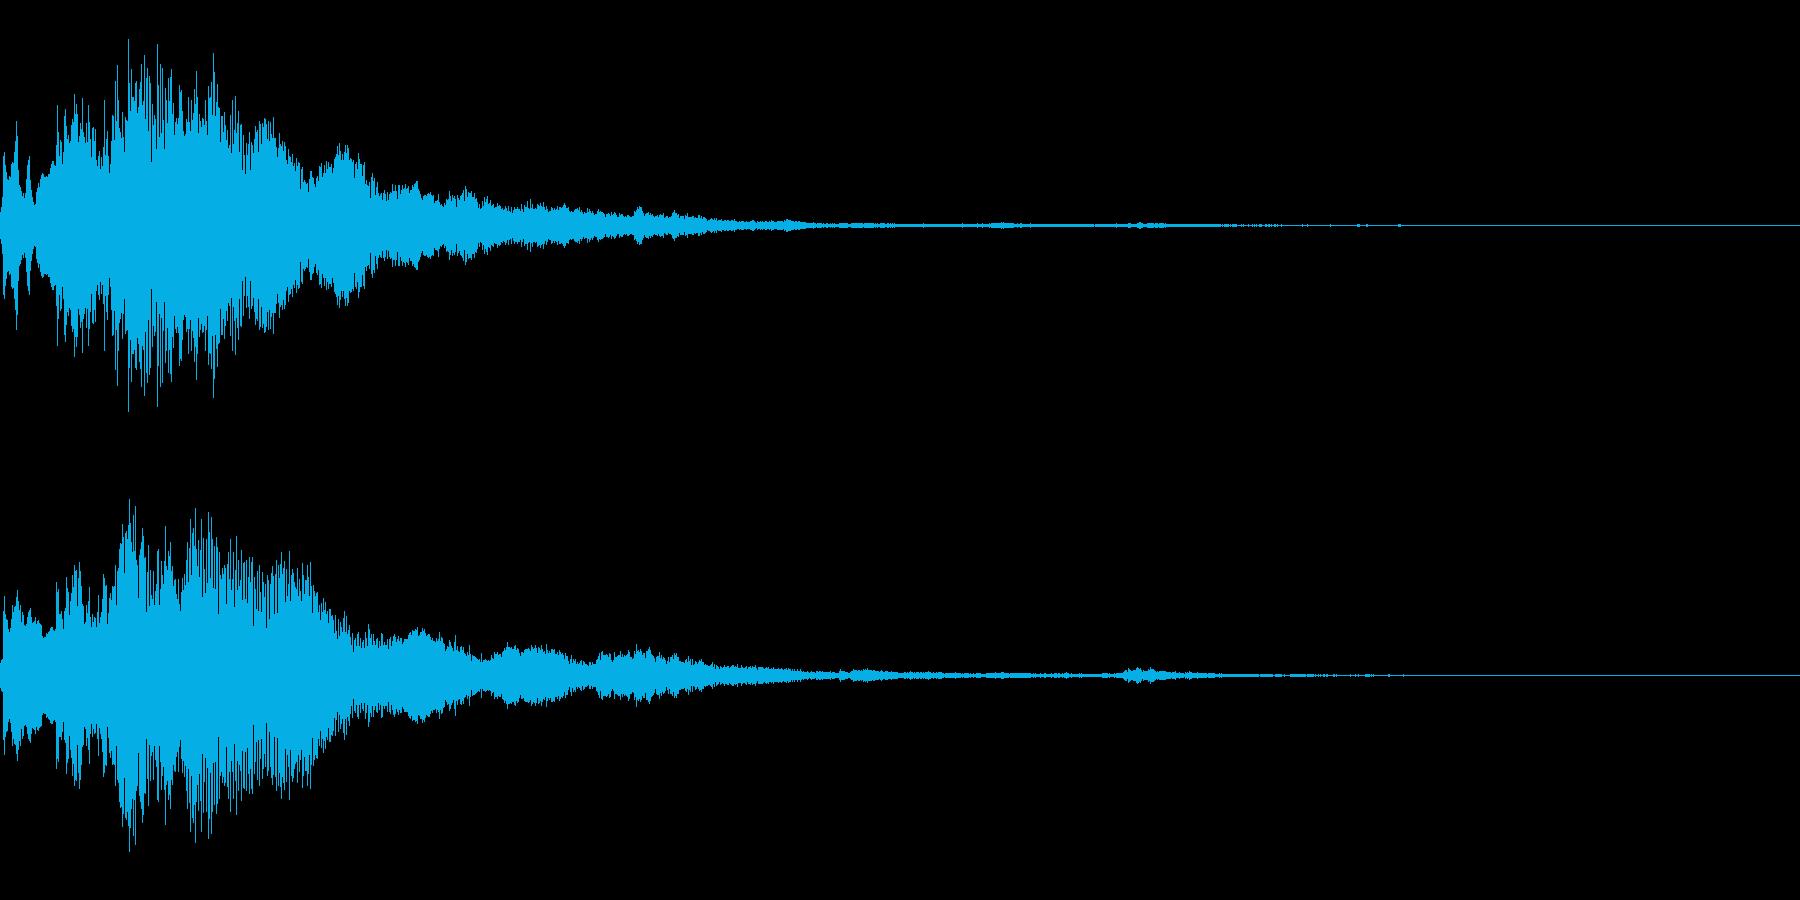 キランとした効果音の再生済みの波形